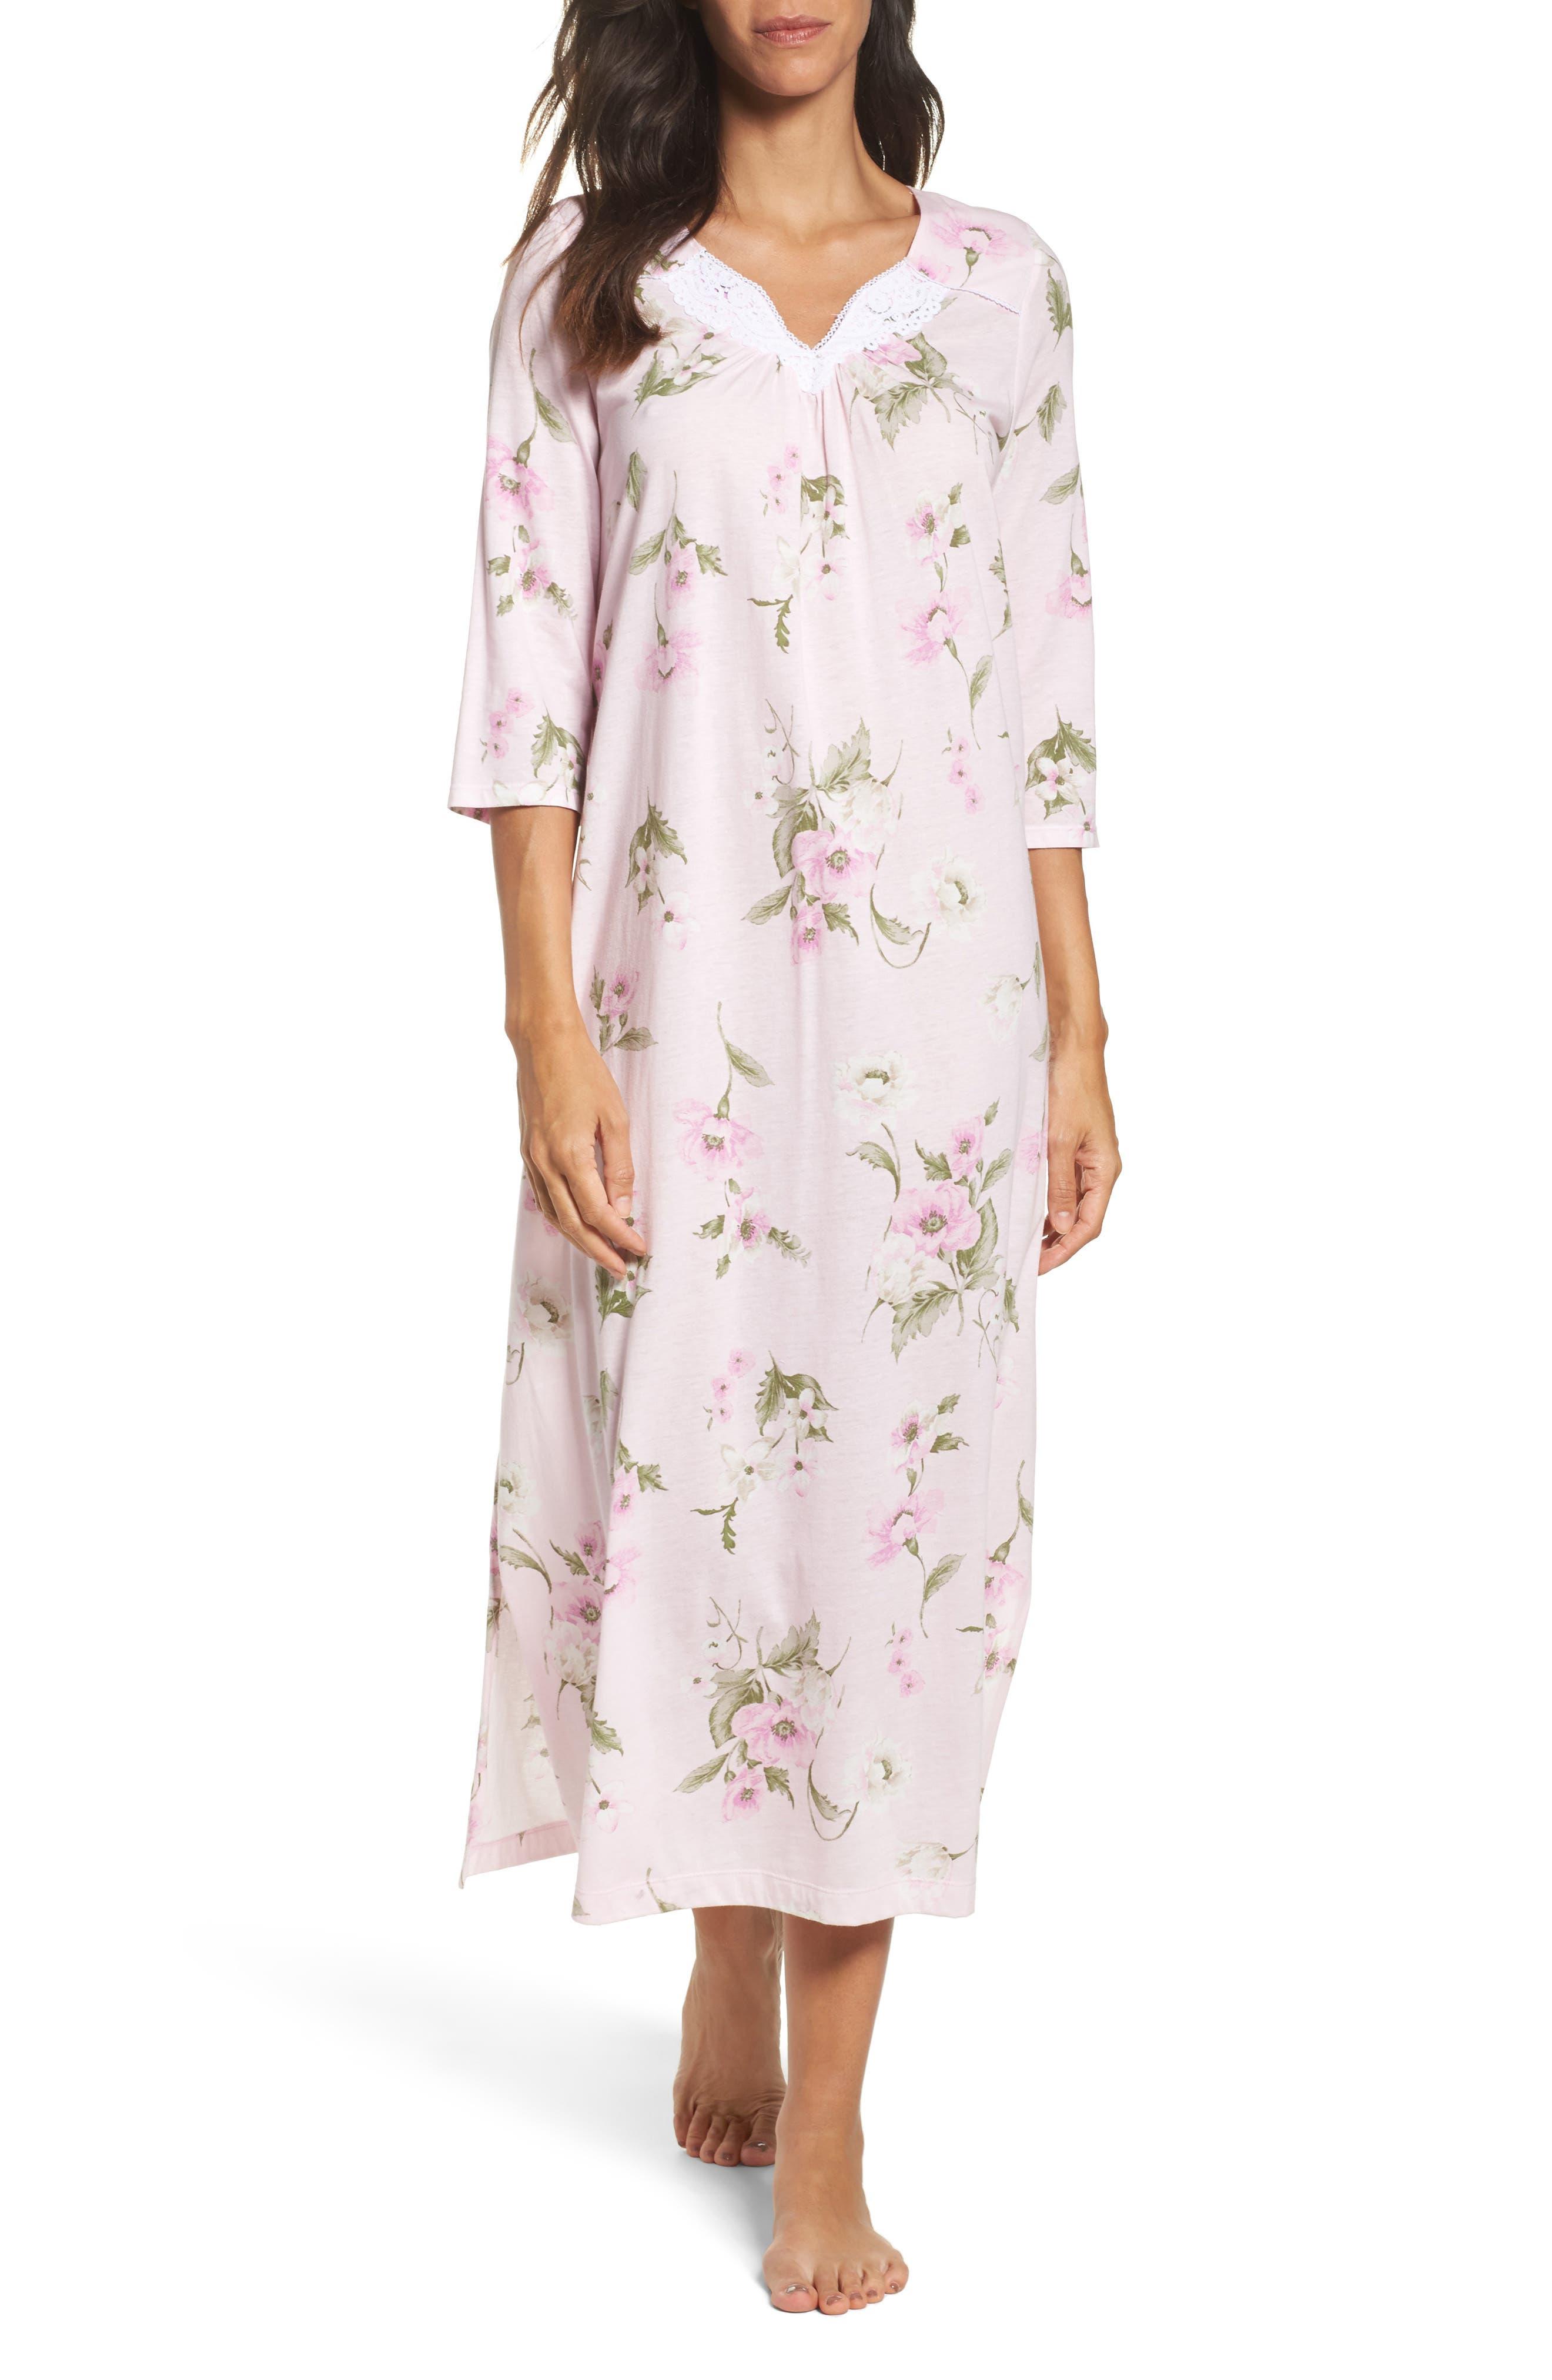 Carole Hochman Knit Nightgown